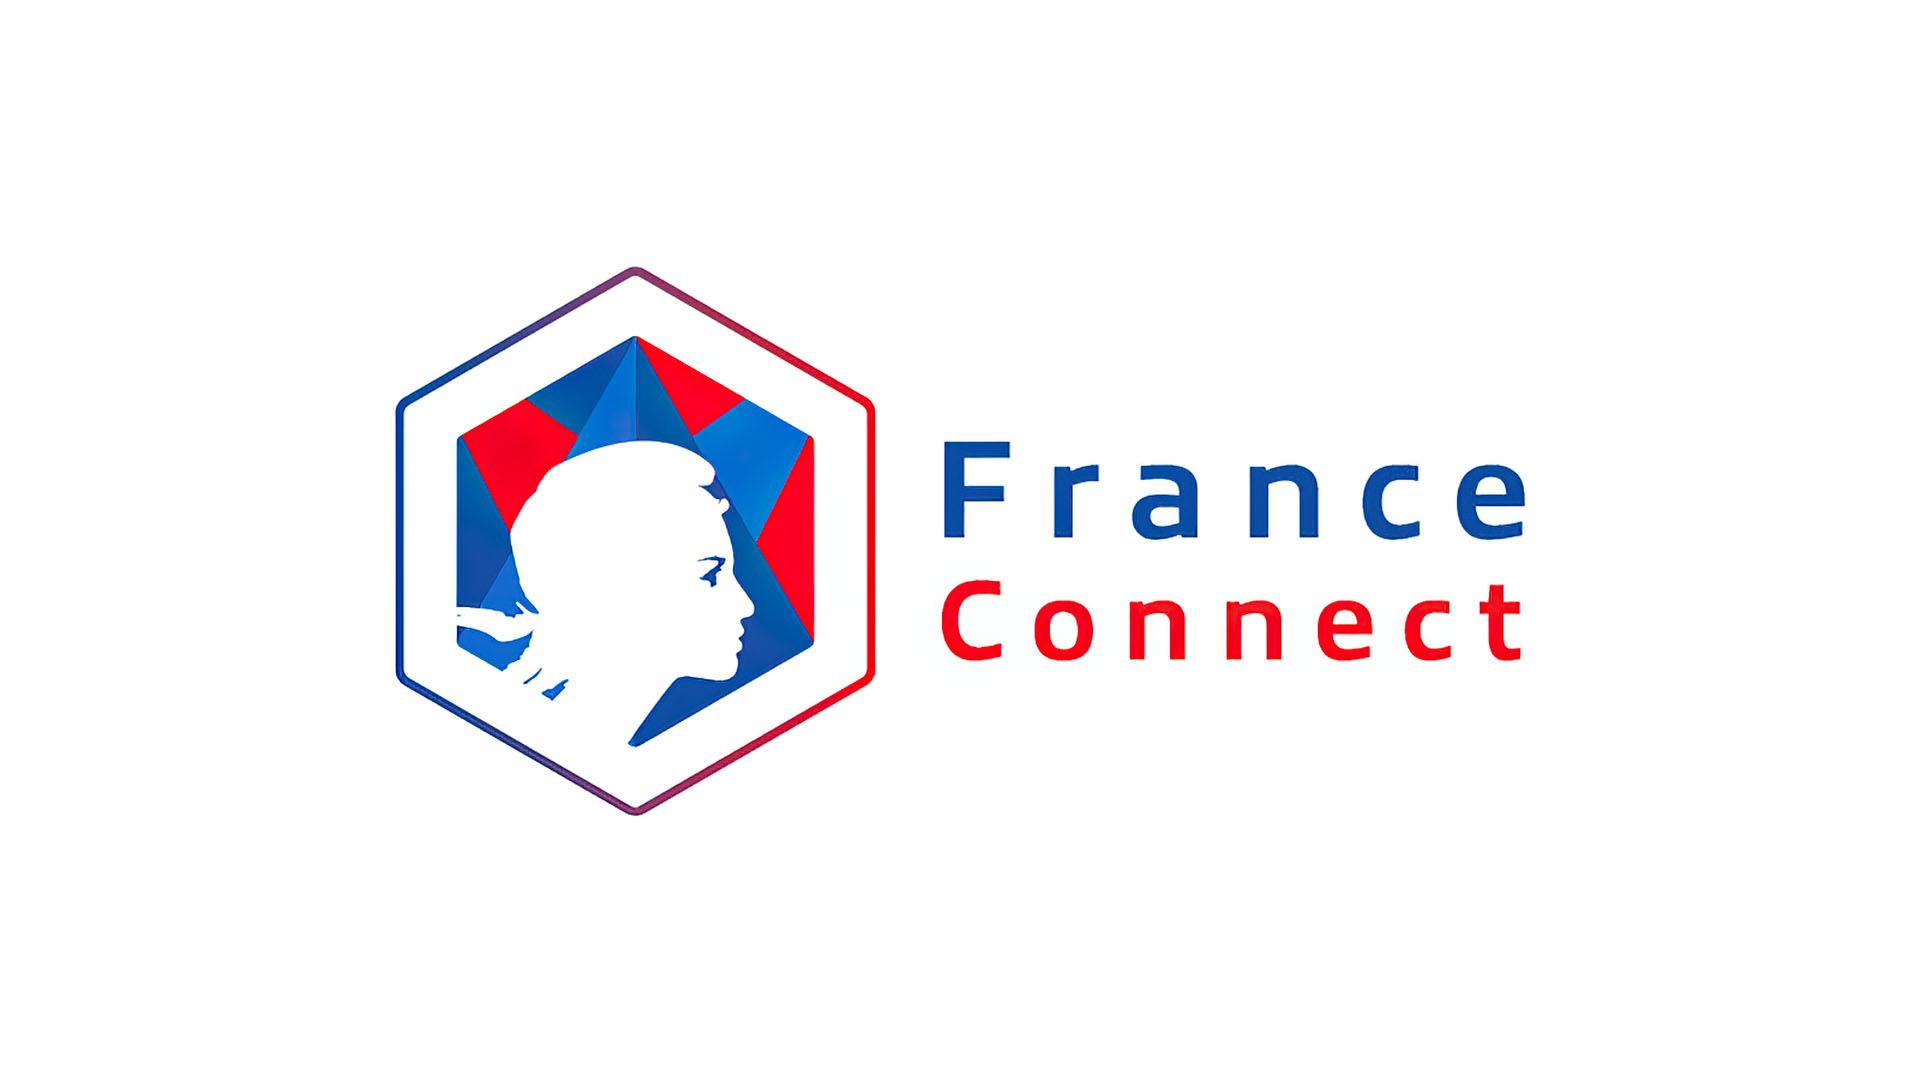 FranceConnect+: ce qu'il faut savoir sur cette évolution de FranceConnect